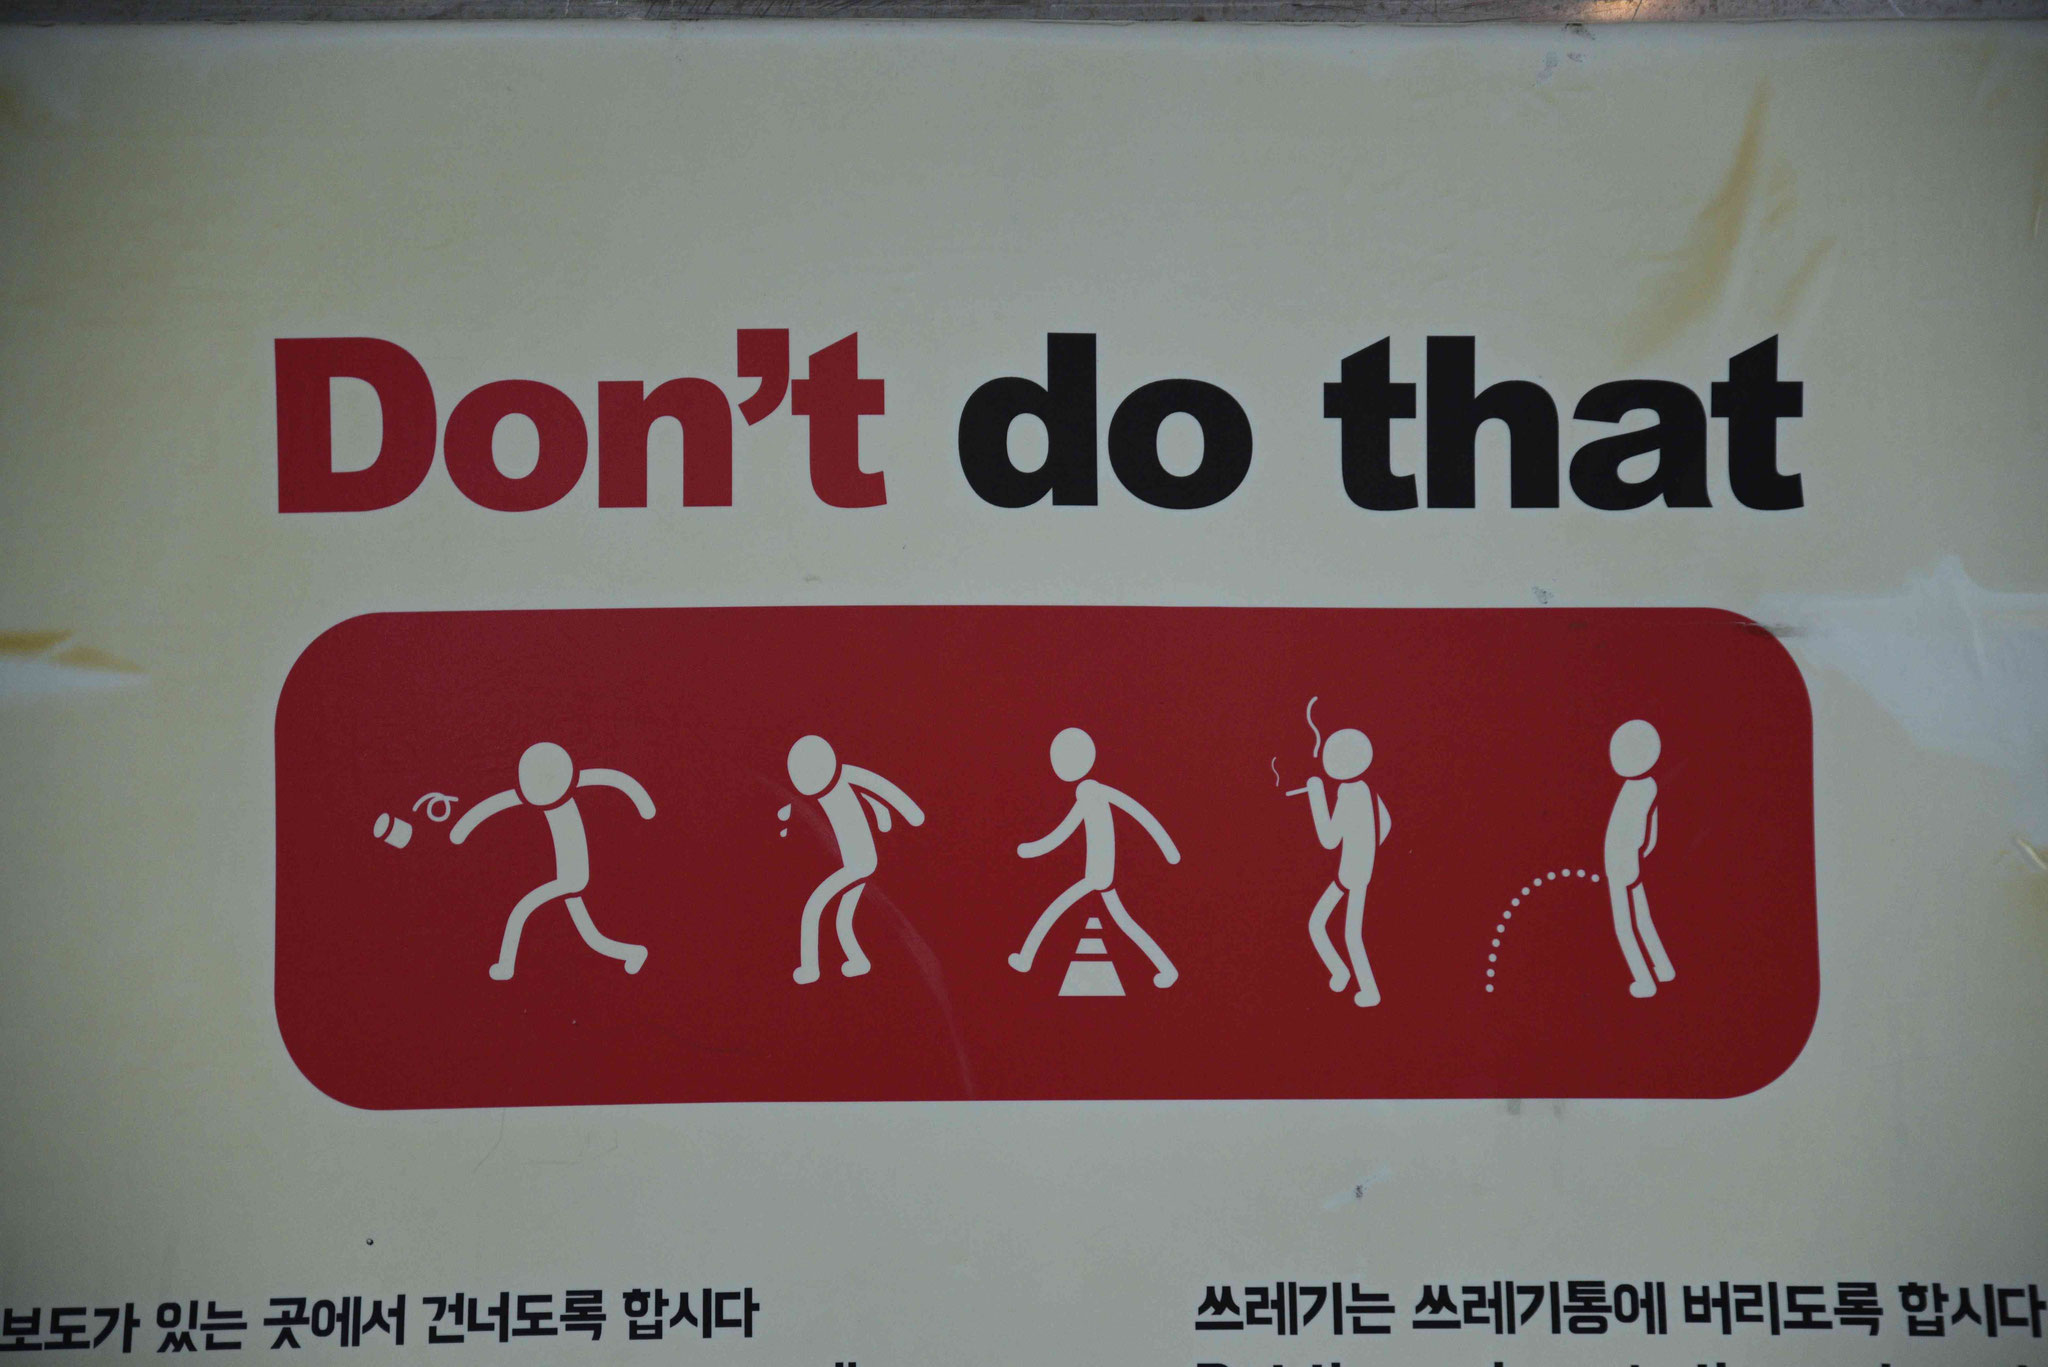 Koreanisches Ver- und Gebotsschild